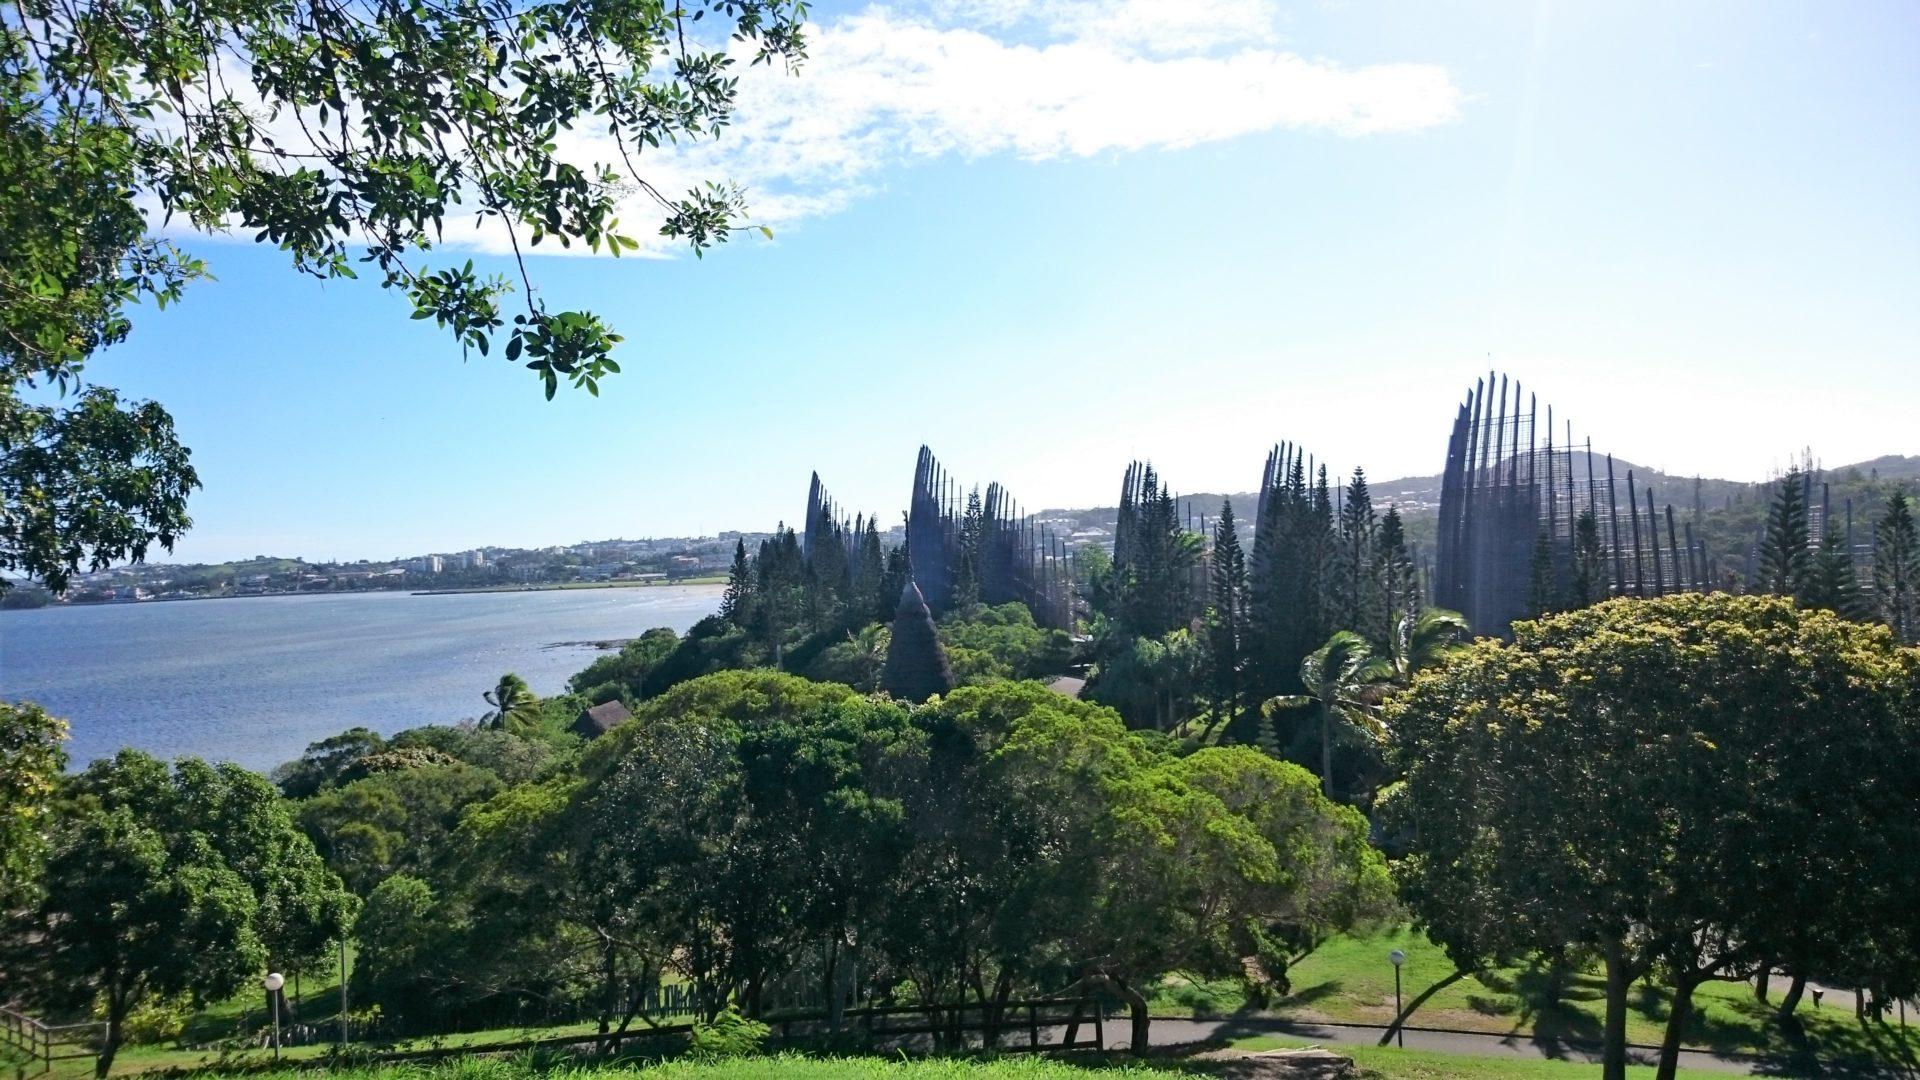 【亞太博物館連線專欄】新喀里多尼亞堤堡文化中心—創造性的文化傳承